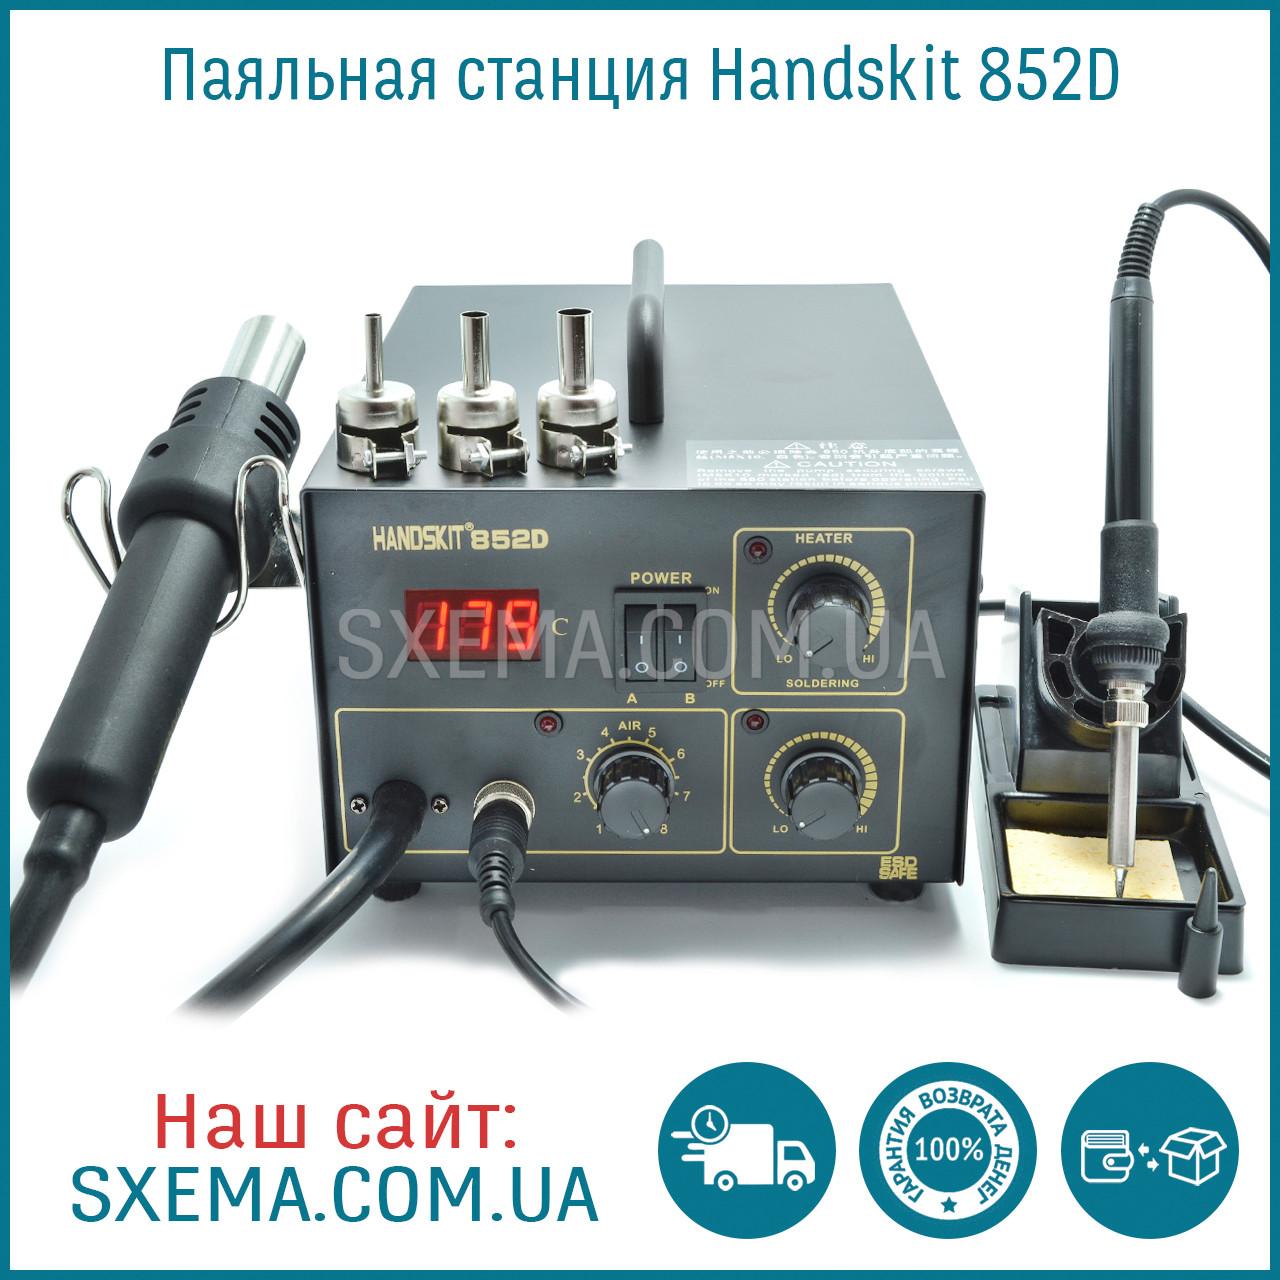 Паяльная станция Extools(Handskit) 852D компрессорная фен+паяльник, металл корпус